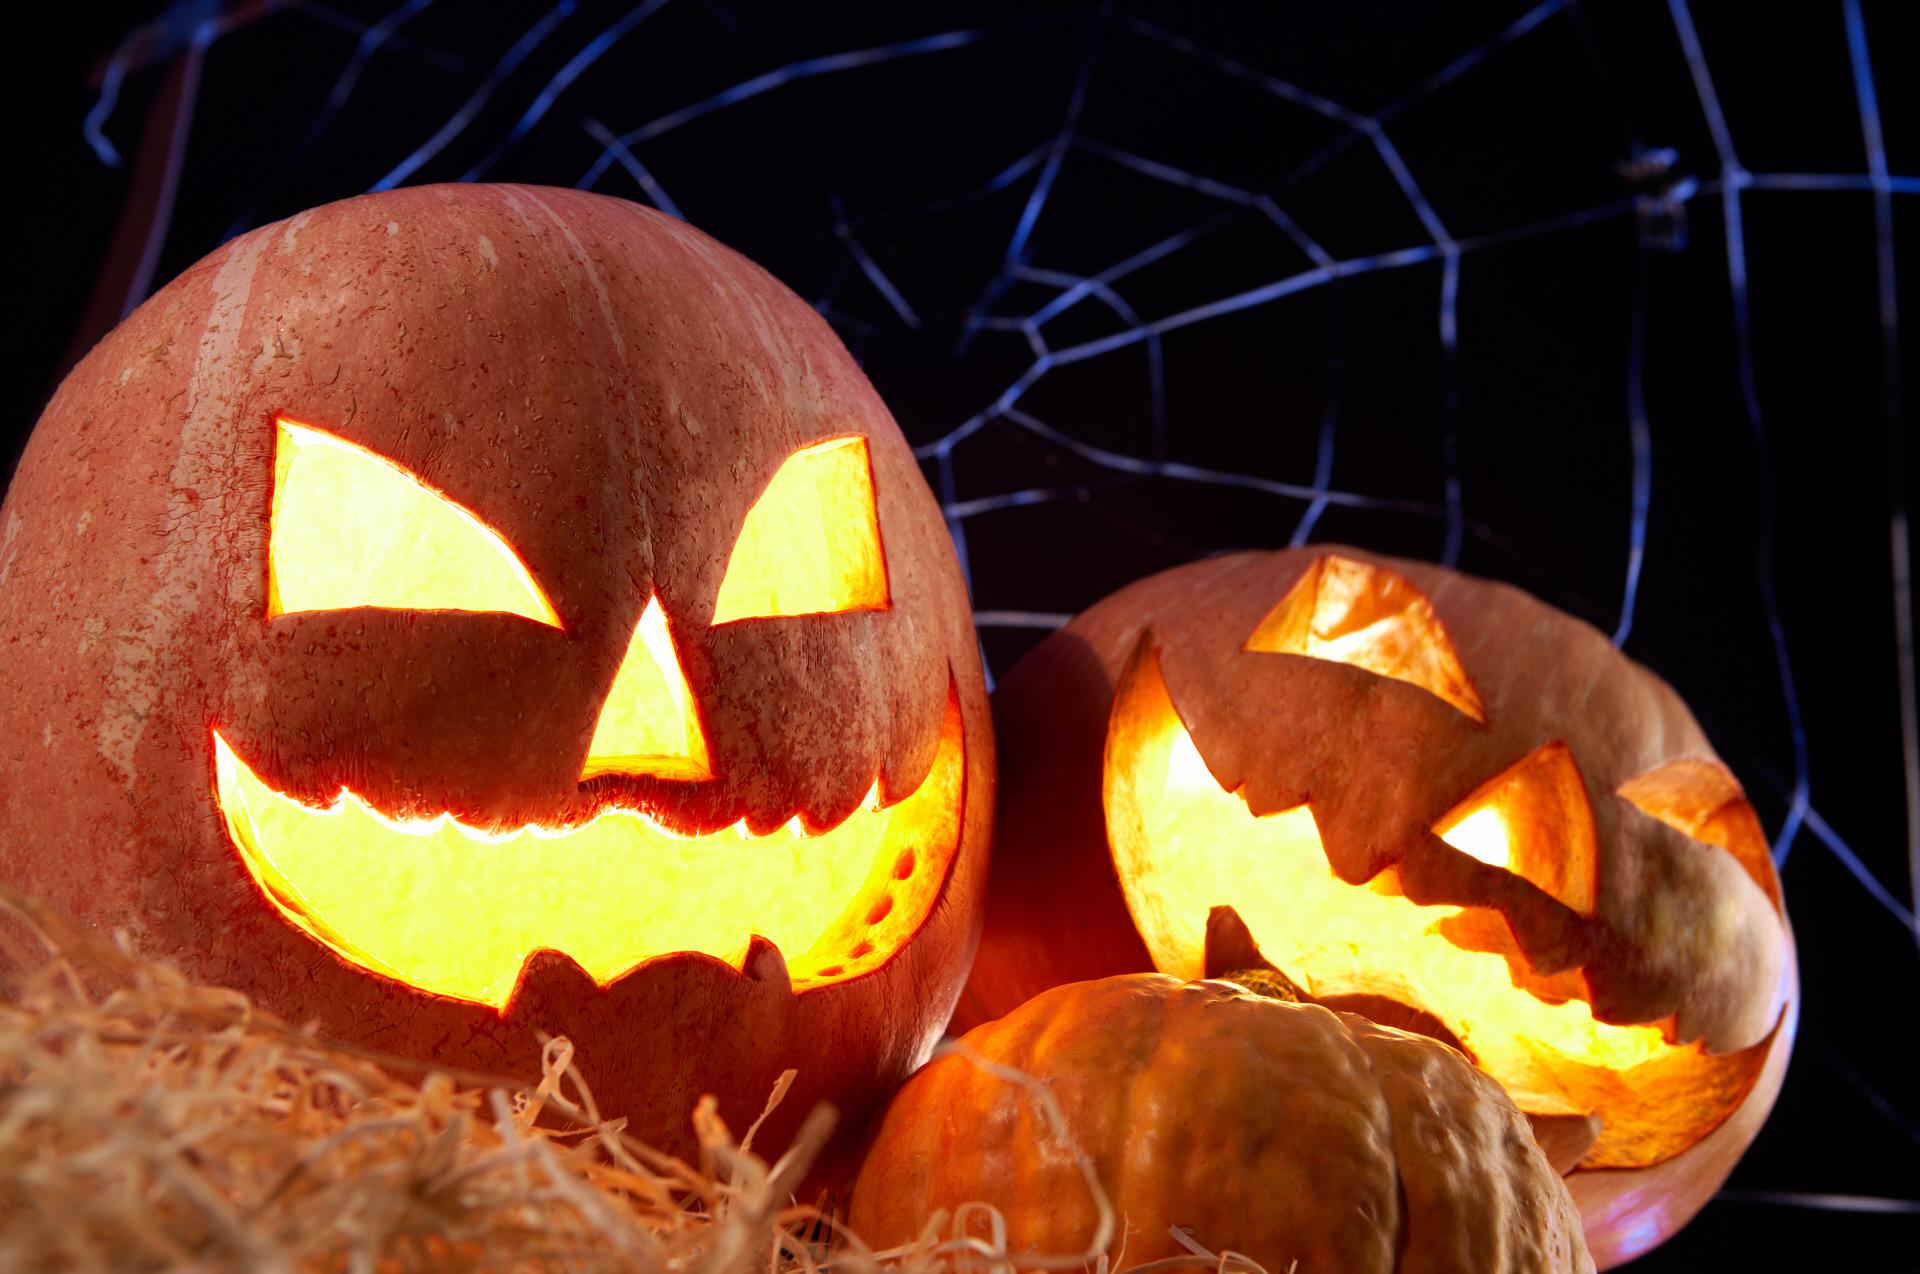 Los espeluznantes 'monstruos' que Google incorpora a su realidad aumentada para festejar Halloween